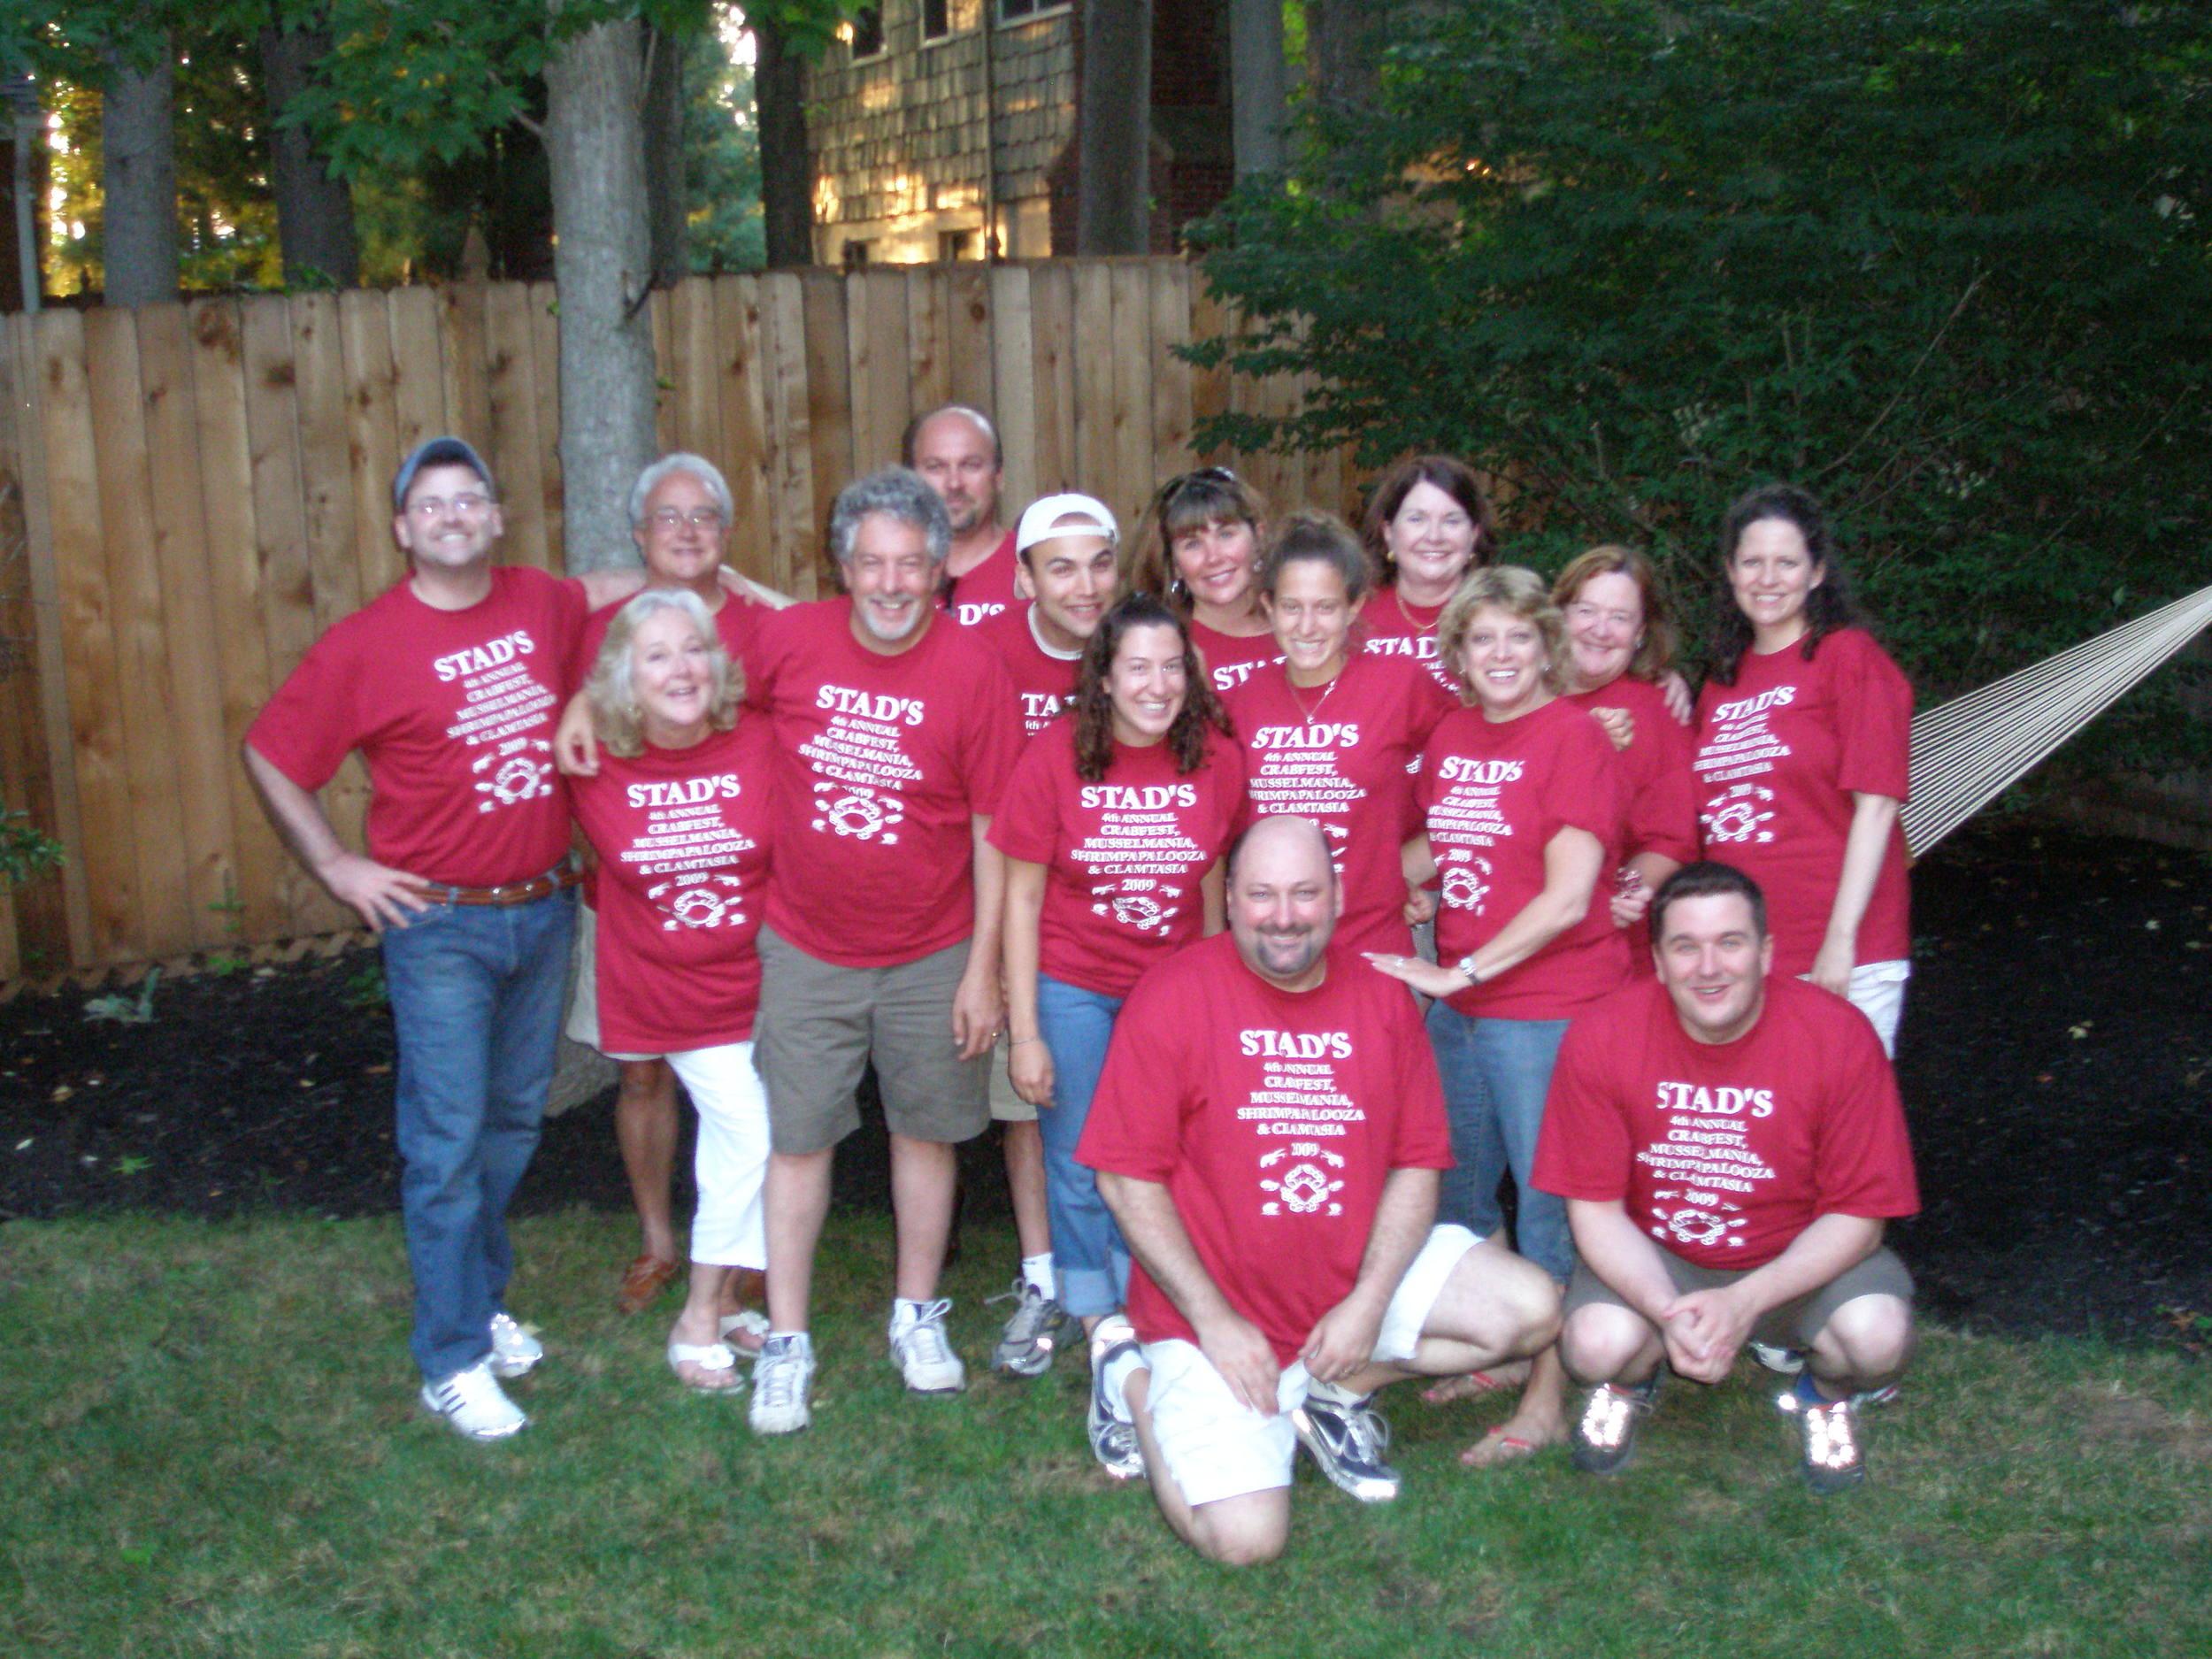 4th Annual Crabfest - 2009